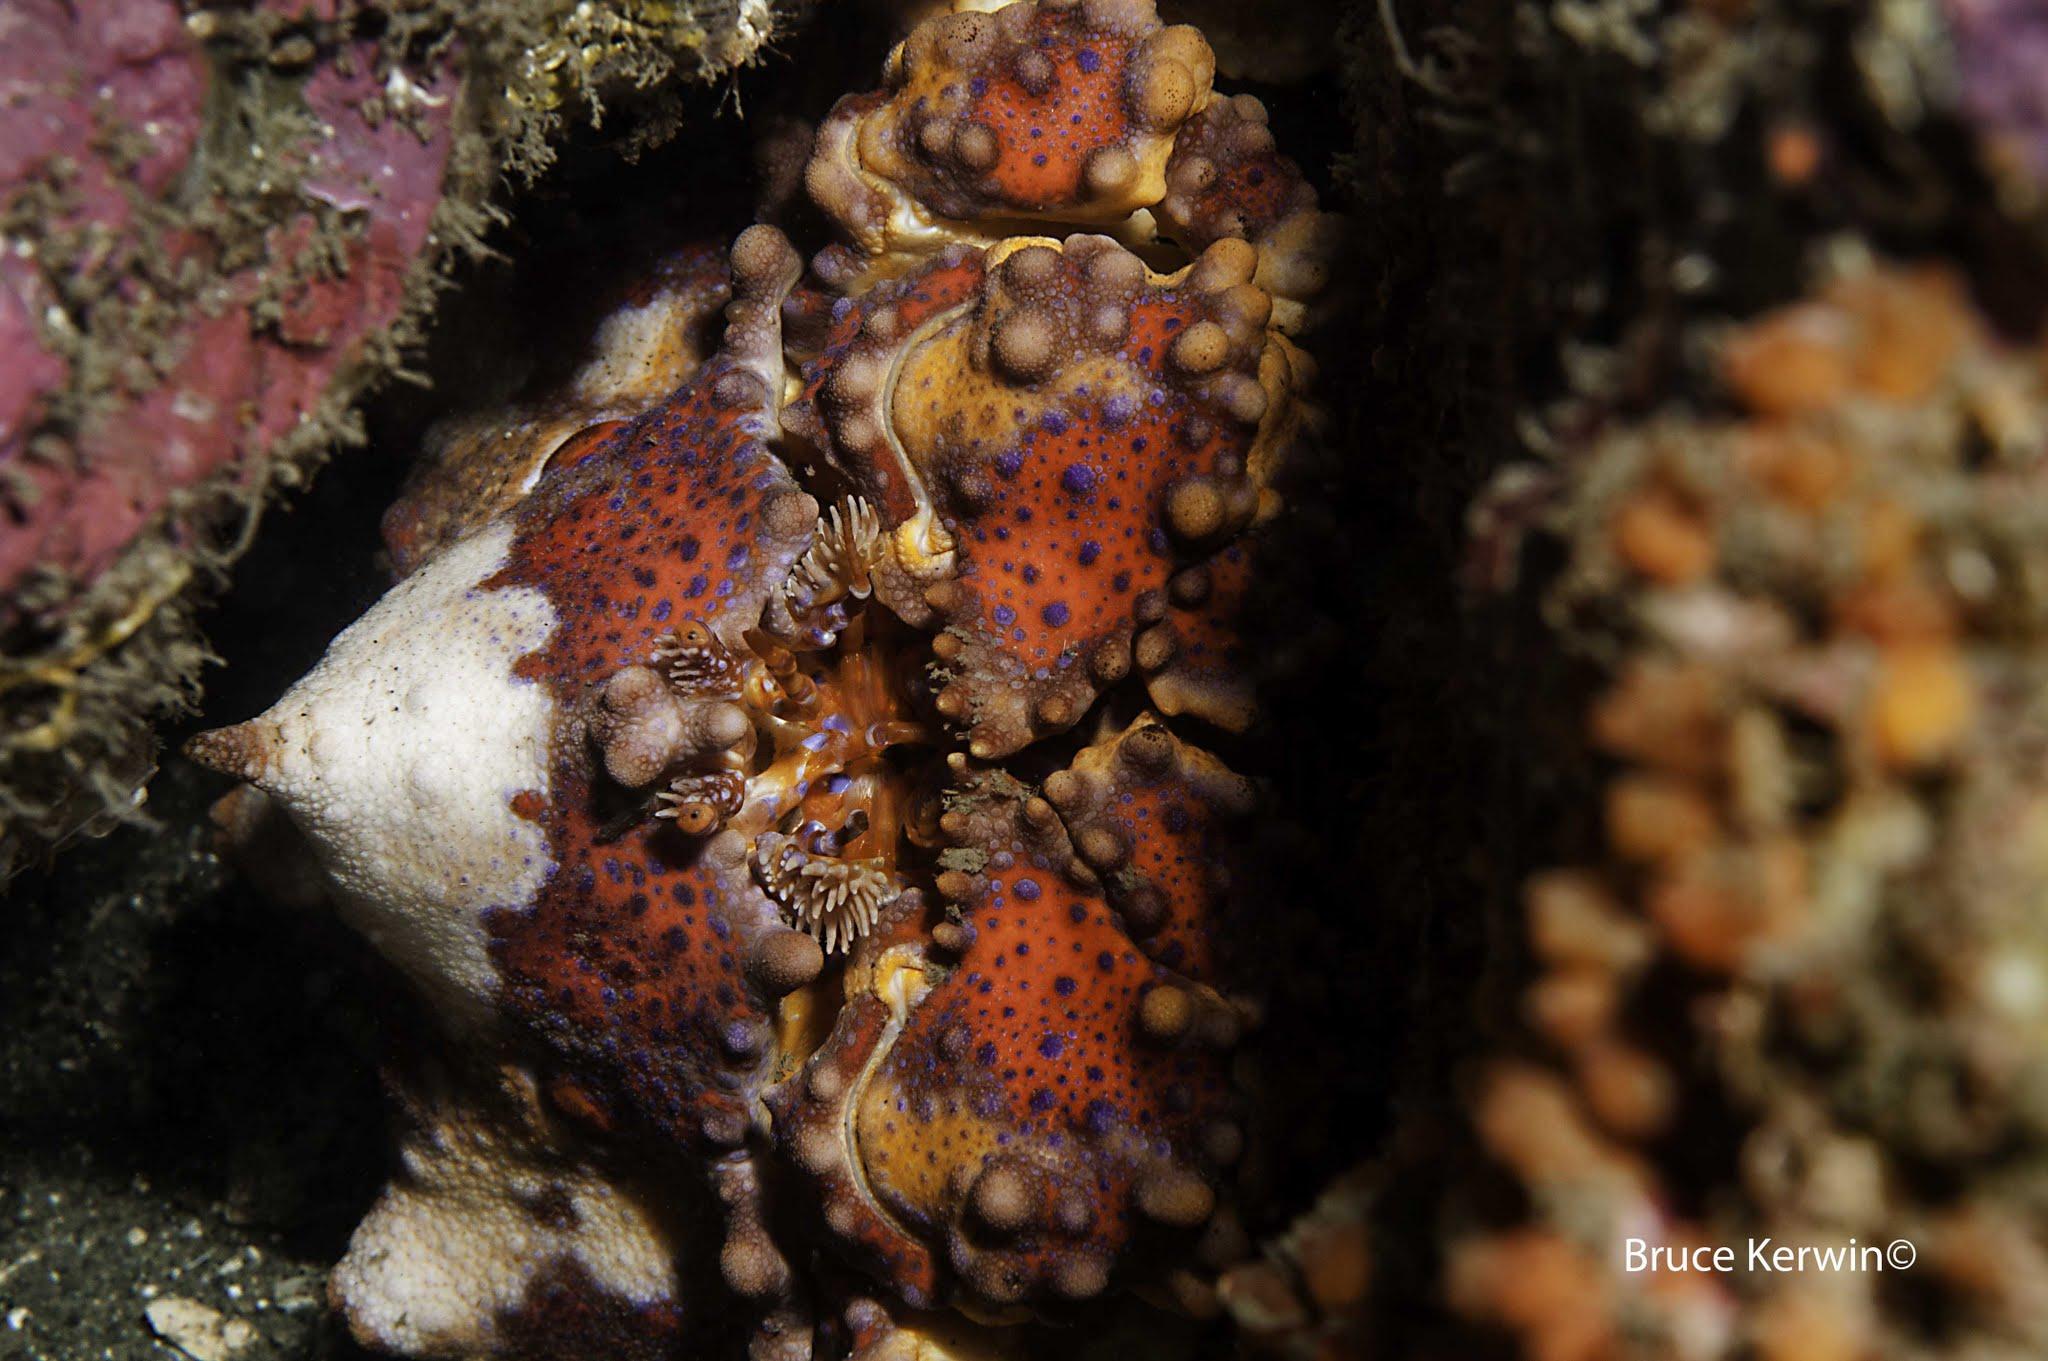 DSC_4425 Juvenile Puget Sound King Crab